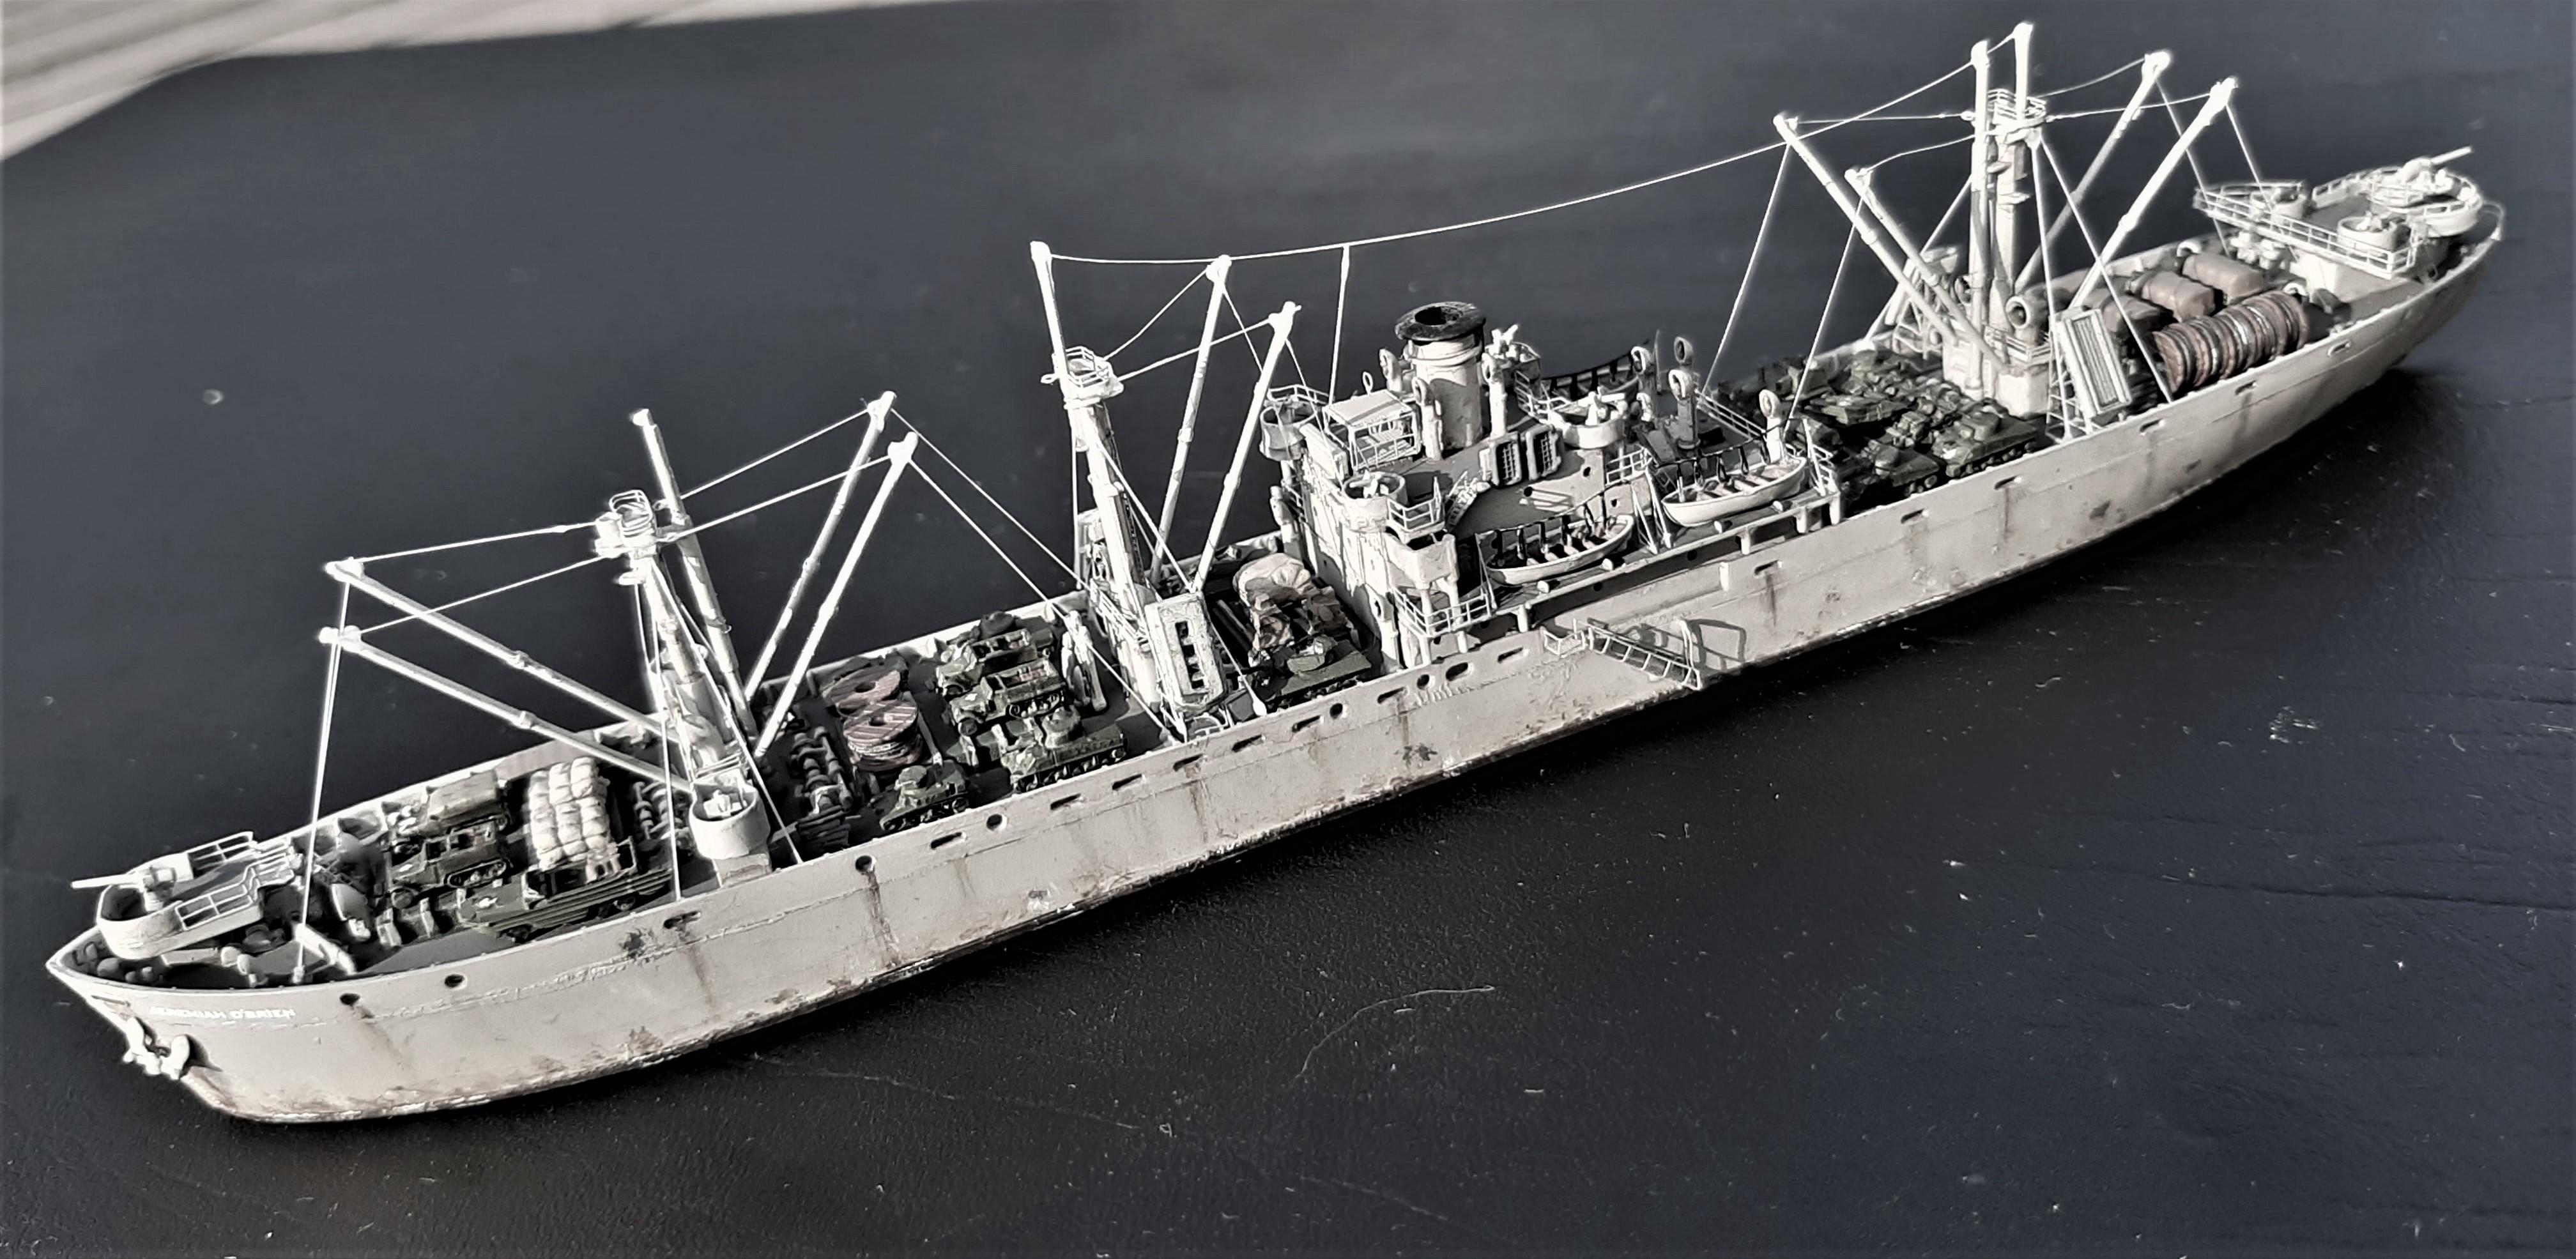 Liberty ship Jeremiah O'Brien 1/700 Trumpeter  VJVLNP